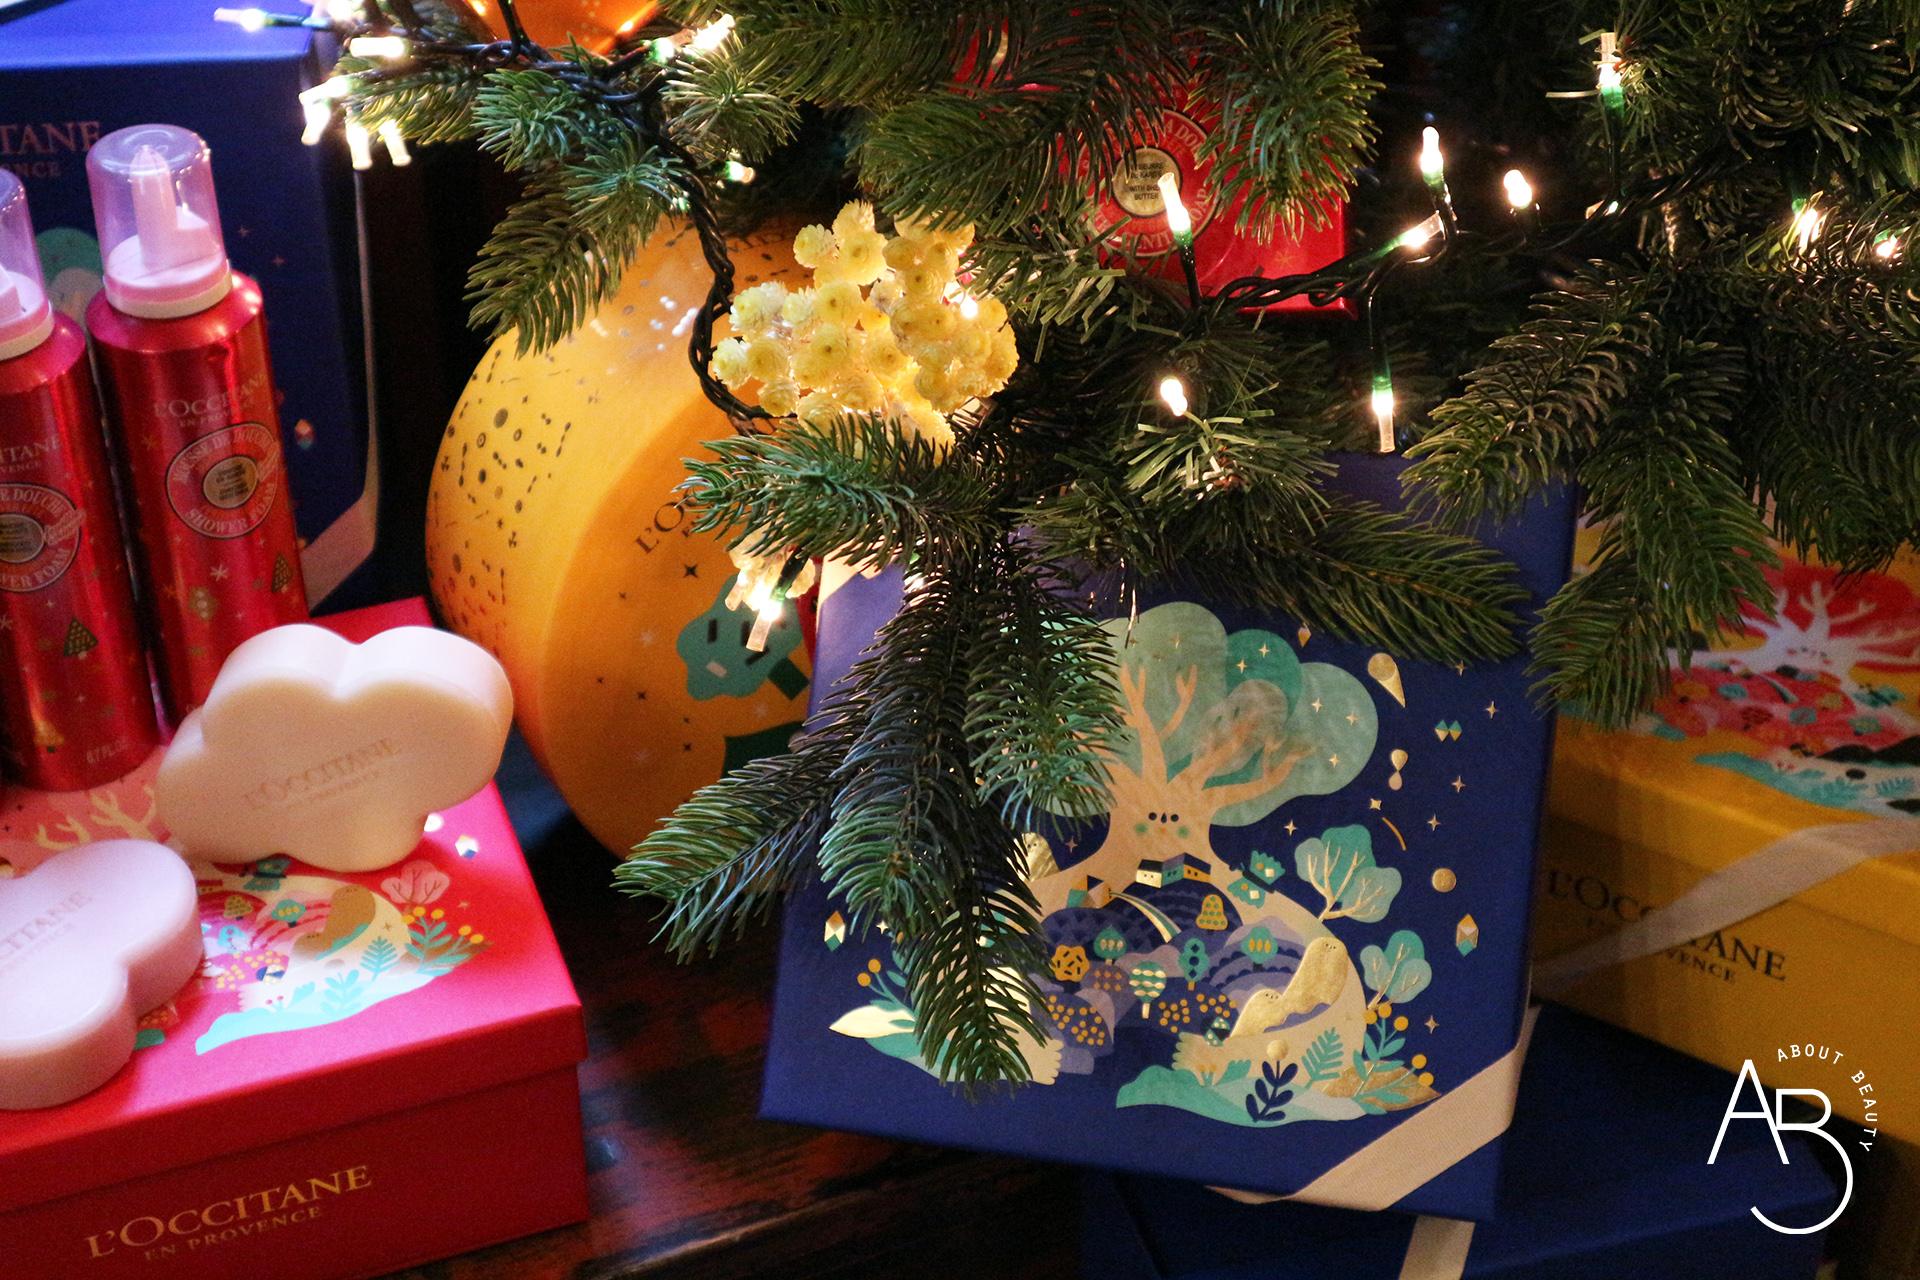 Novita L'Occitane Natale 2019 - Info foto opinioni recensioni review profumi calendari avvento prezzo idee regalo - cofanetti